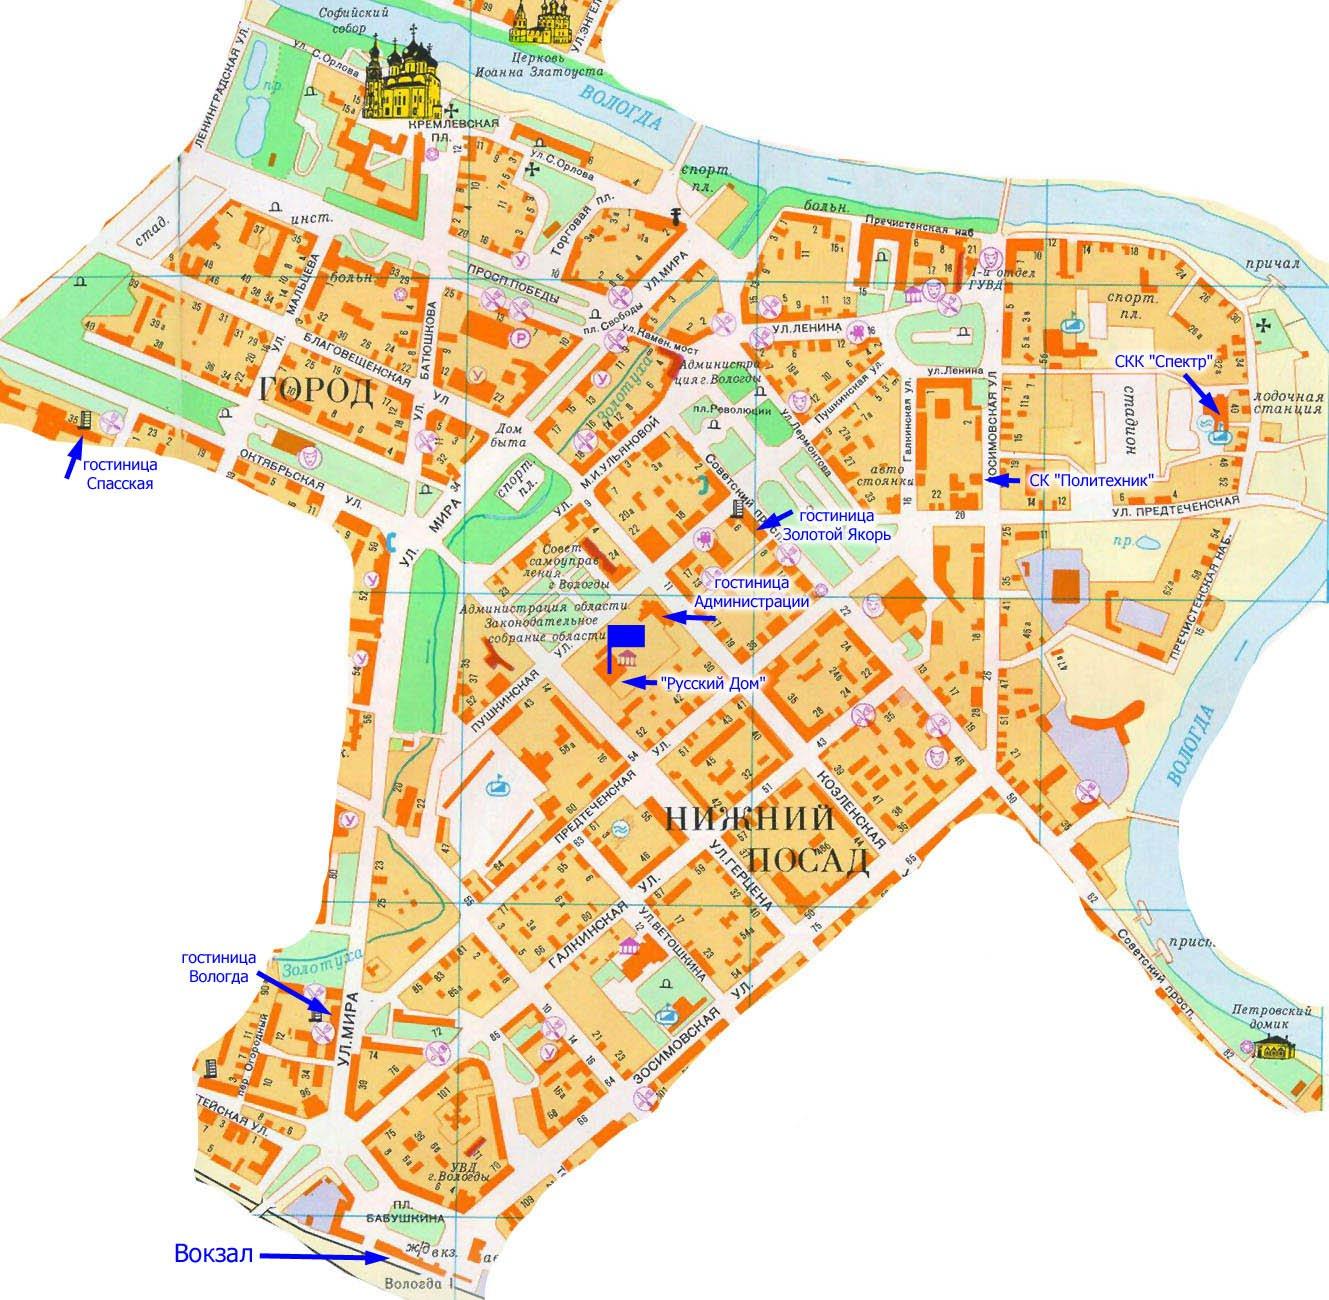 Вологда.  Новая схема движения автобусов (изменение маршрутов) - Общественный транспорт.